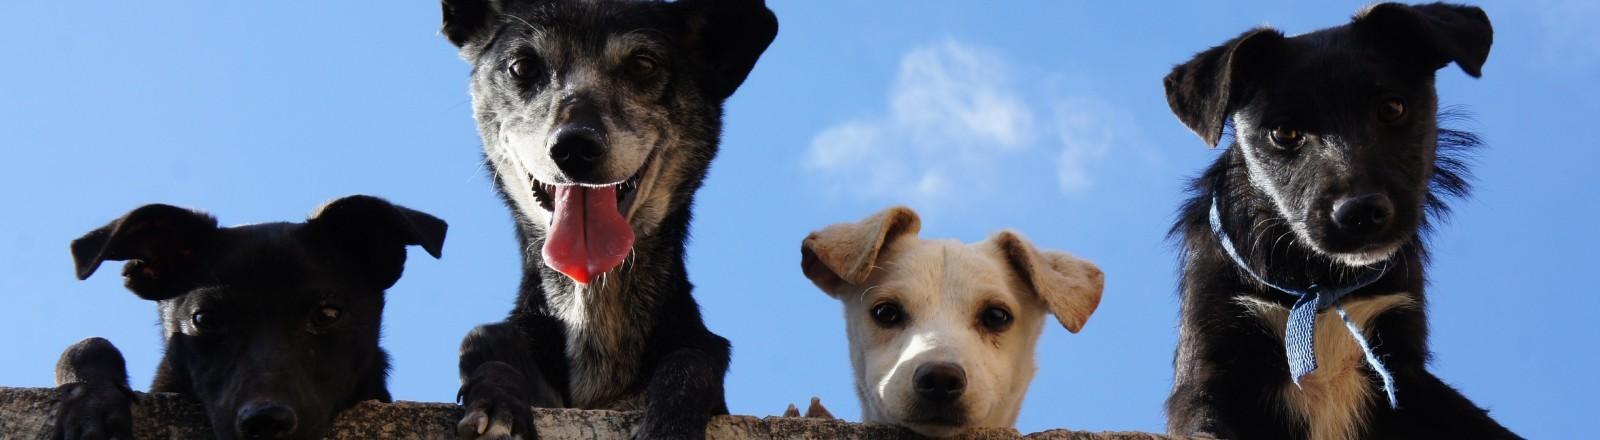 Vier Hunde schauen hinter einer Mauer hervor